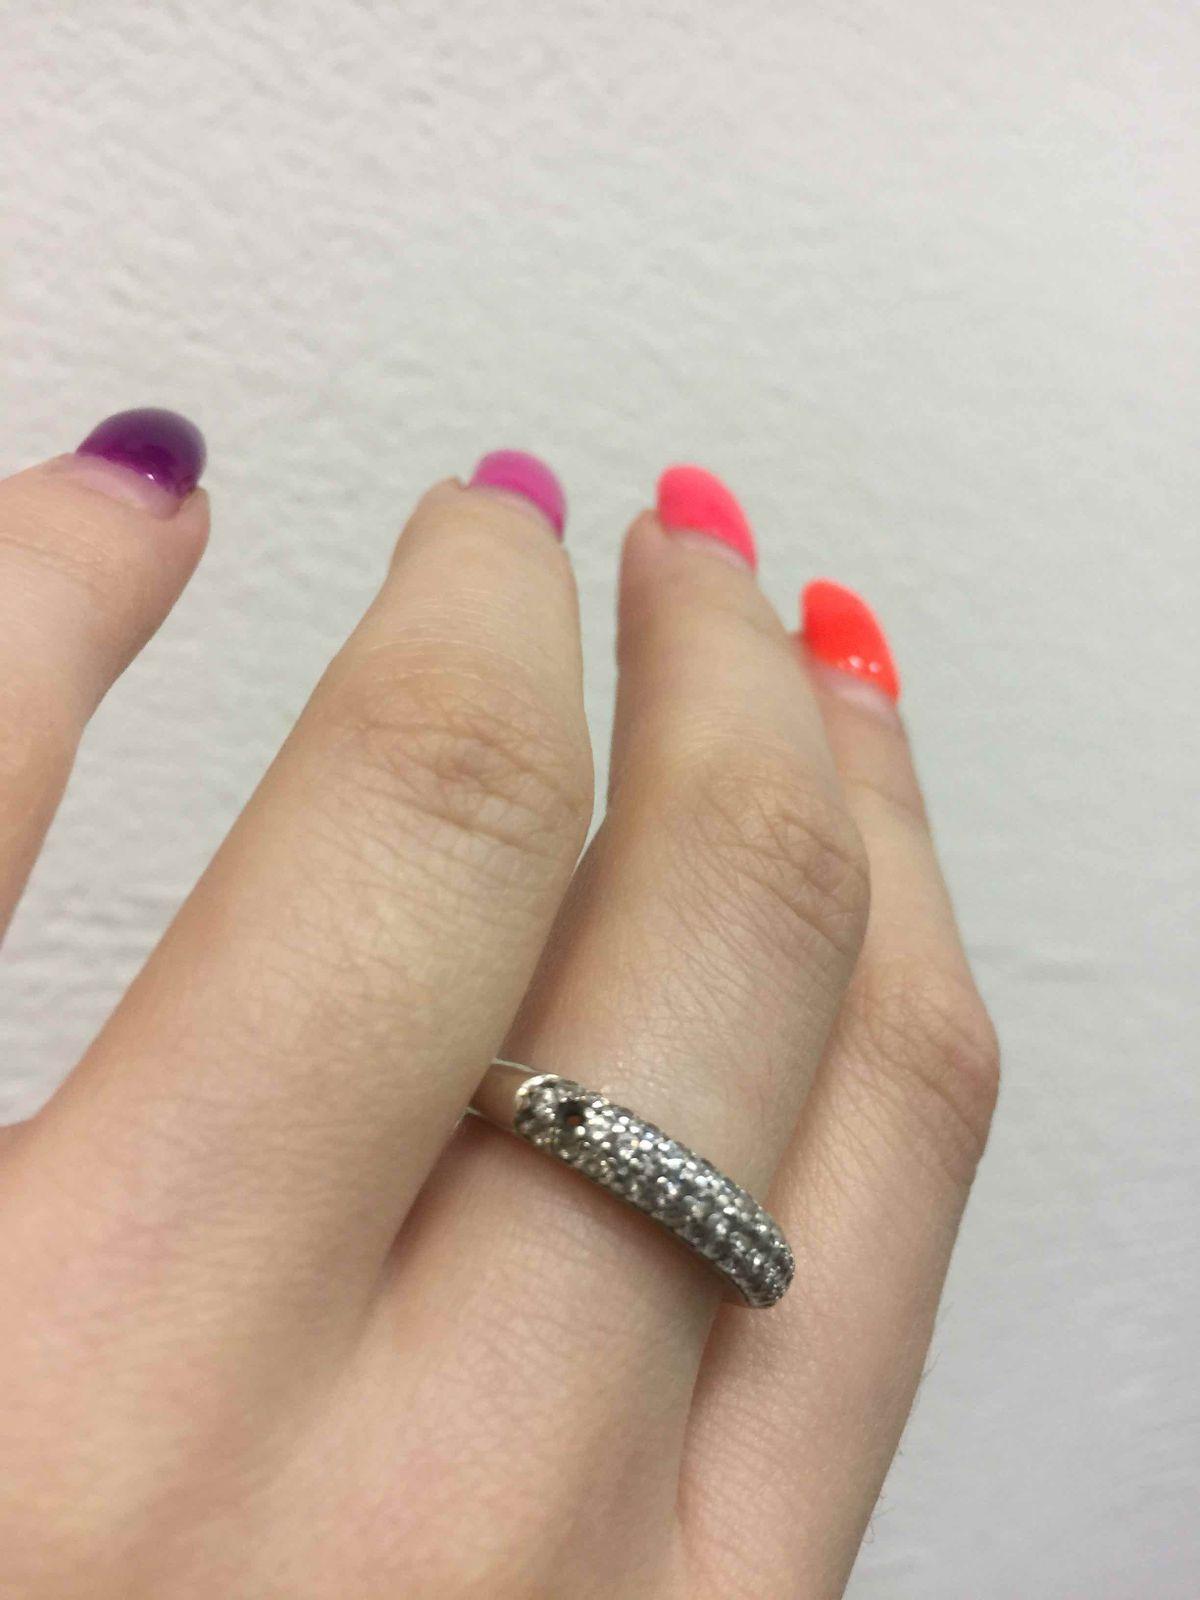 Серебряное кольцо с фианитами тонкое, красивое аккуратное и практичное